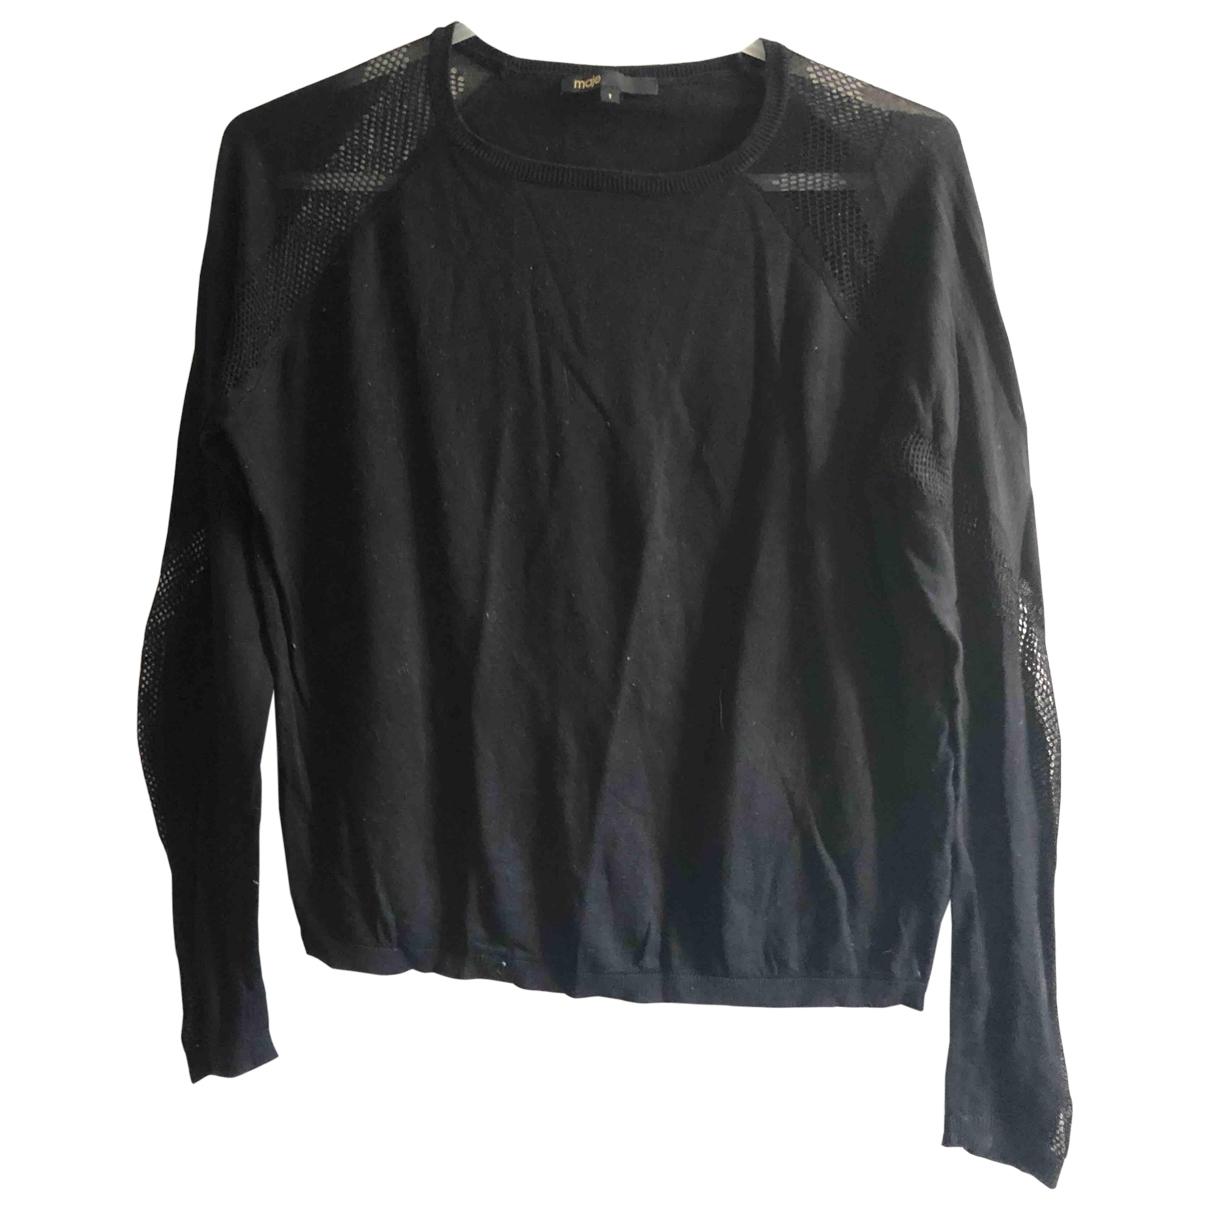 Maje - Pull   pour femme en coton - noir